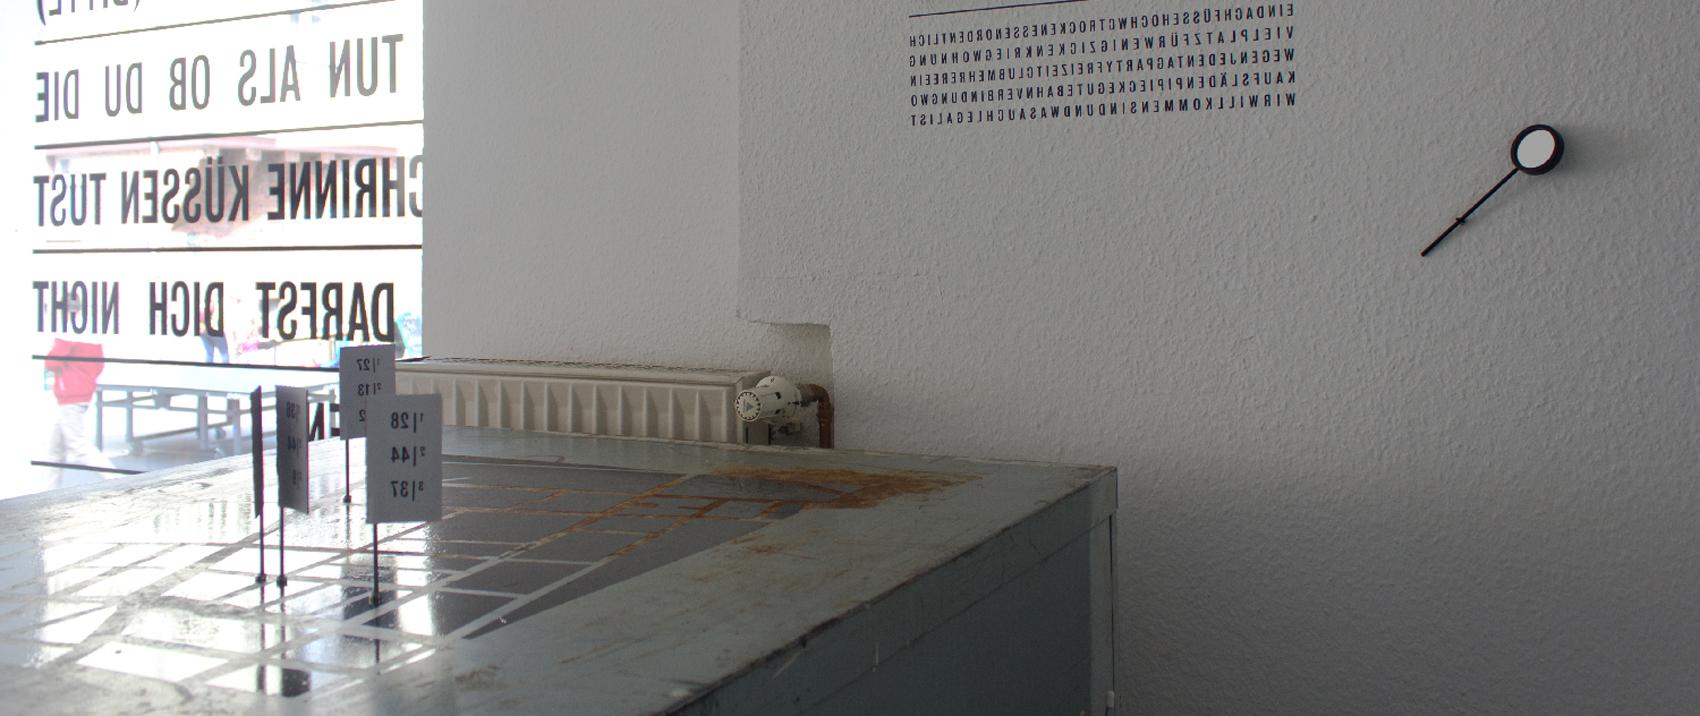 Detail der Ausstellung No Go Area mit Kartenmodell, spiegelverkehrtem Text und einem winzigem Rückspiegel an der Wand